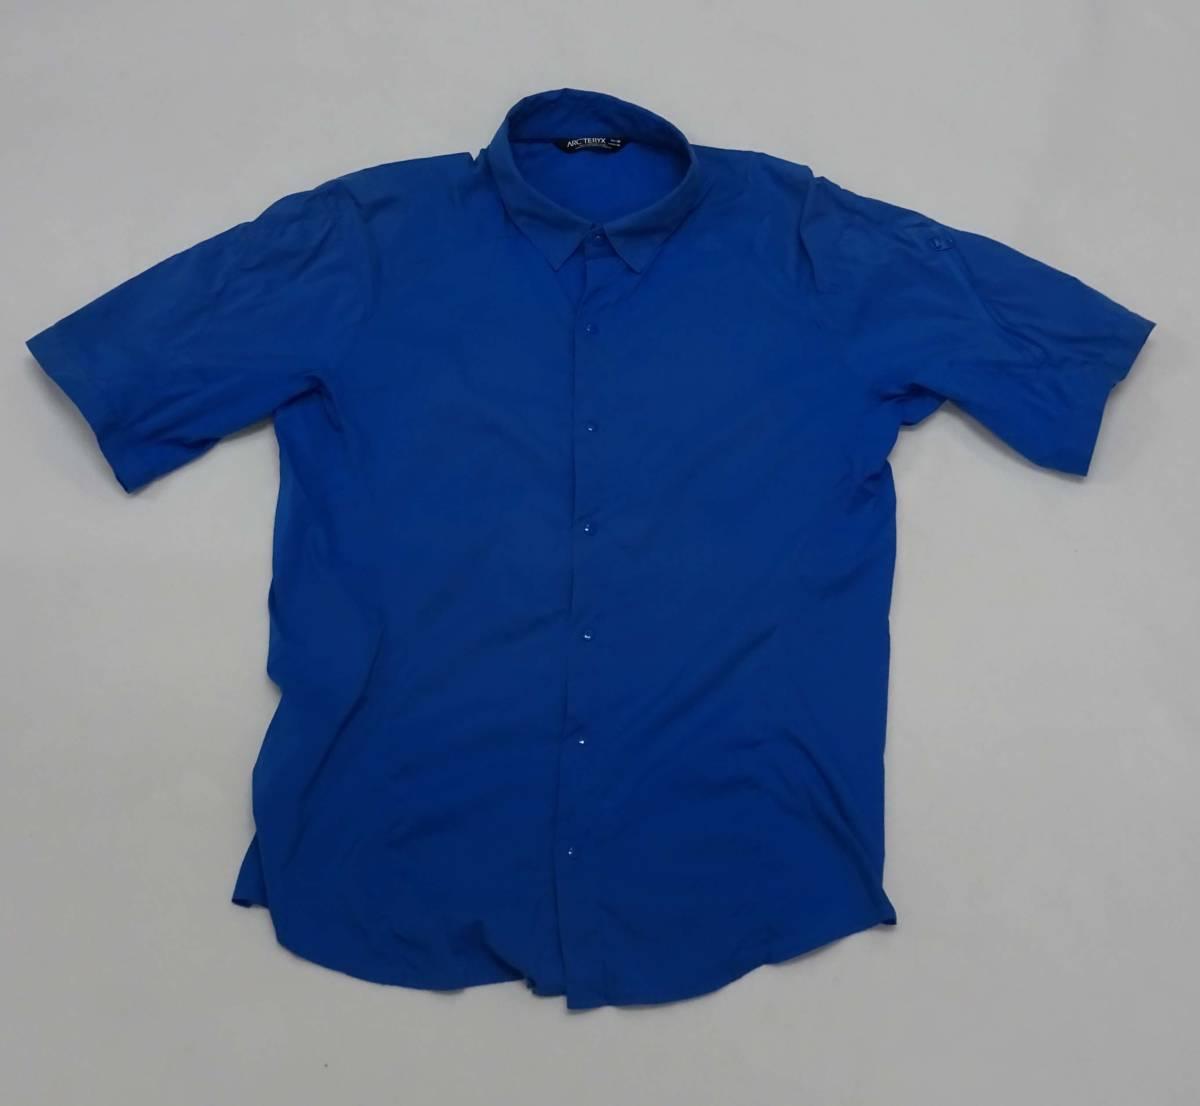 アークテリクス Arc'teryx Elaho SS Shirt 半袖 青色 SizeM